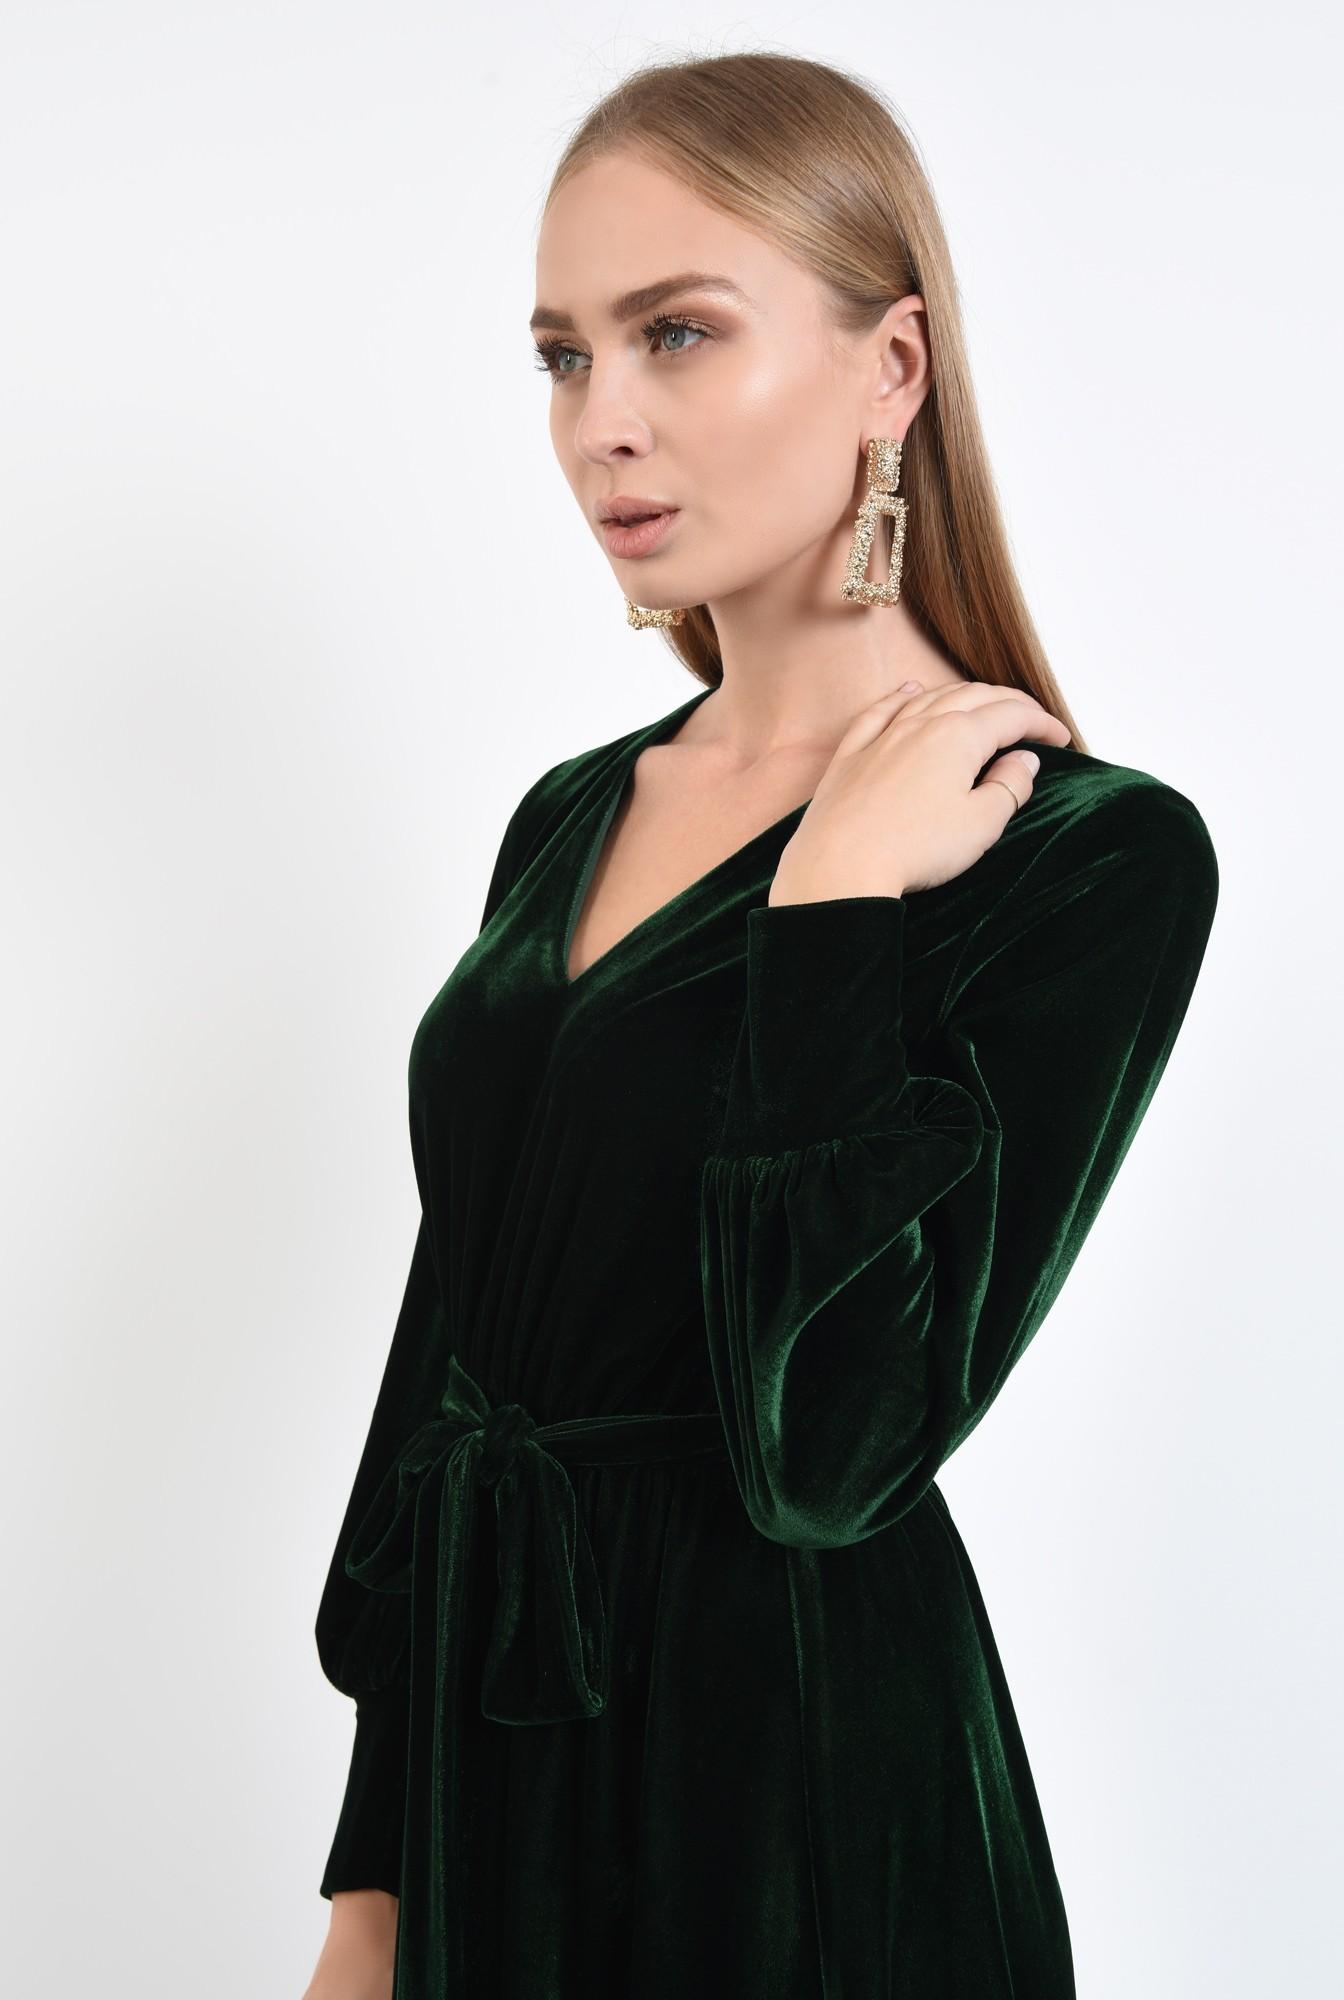 2 - rochie midi, funda la talie, rochii online. croi evazat, maneci lungi cu mansete